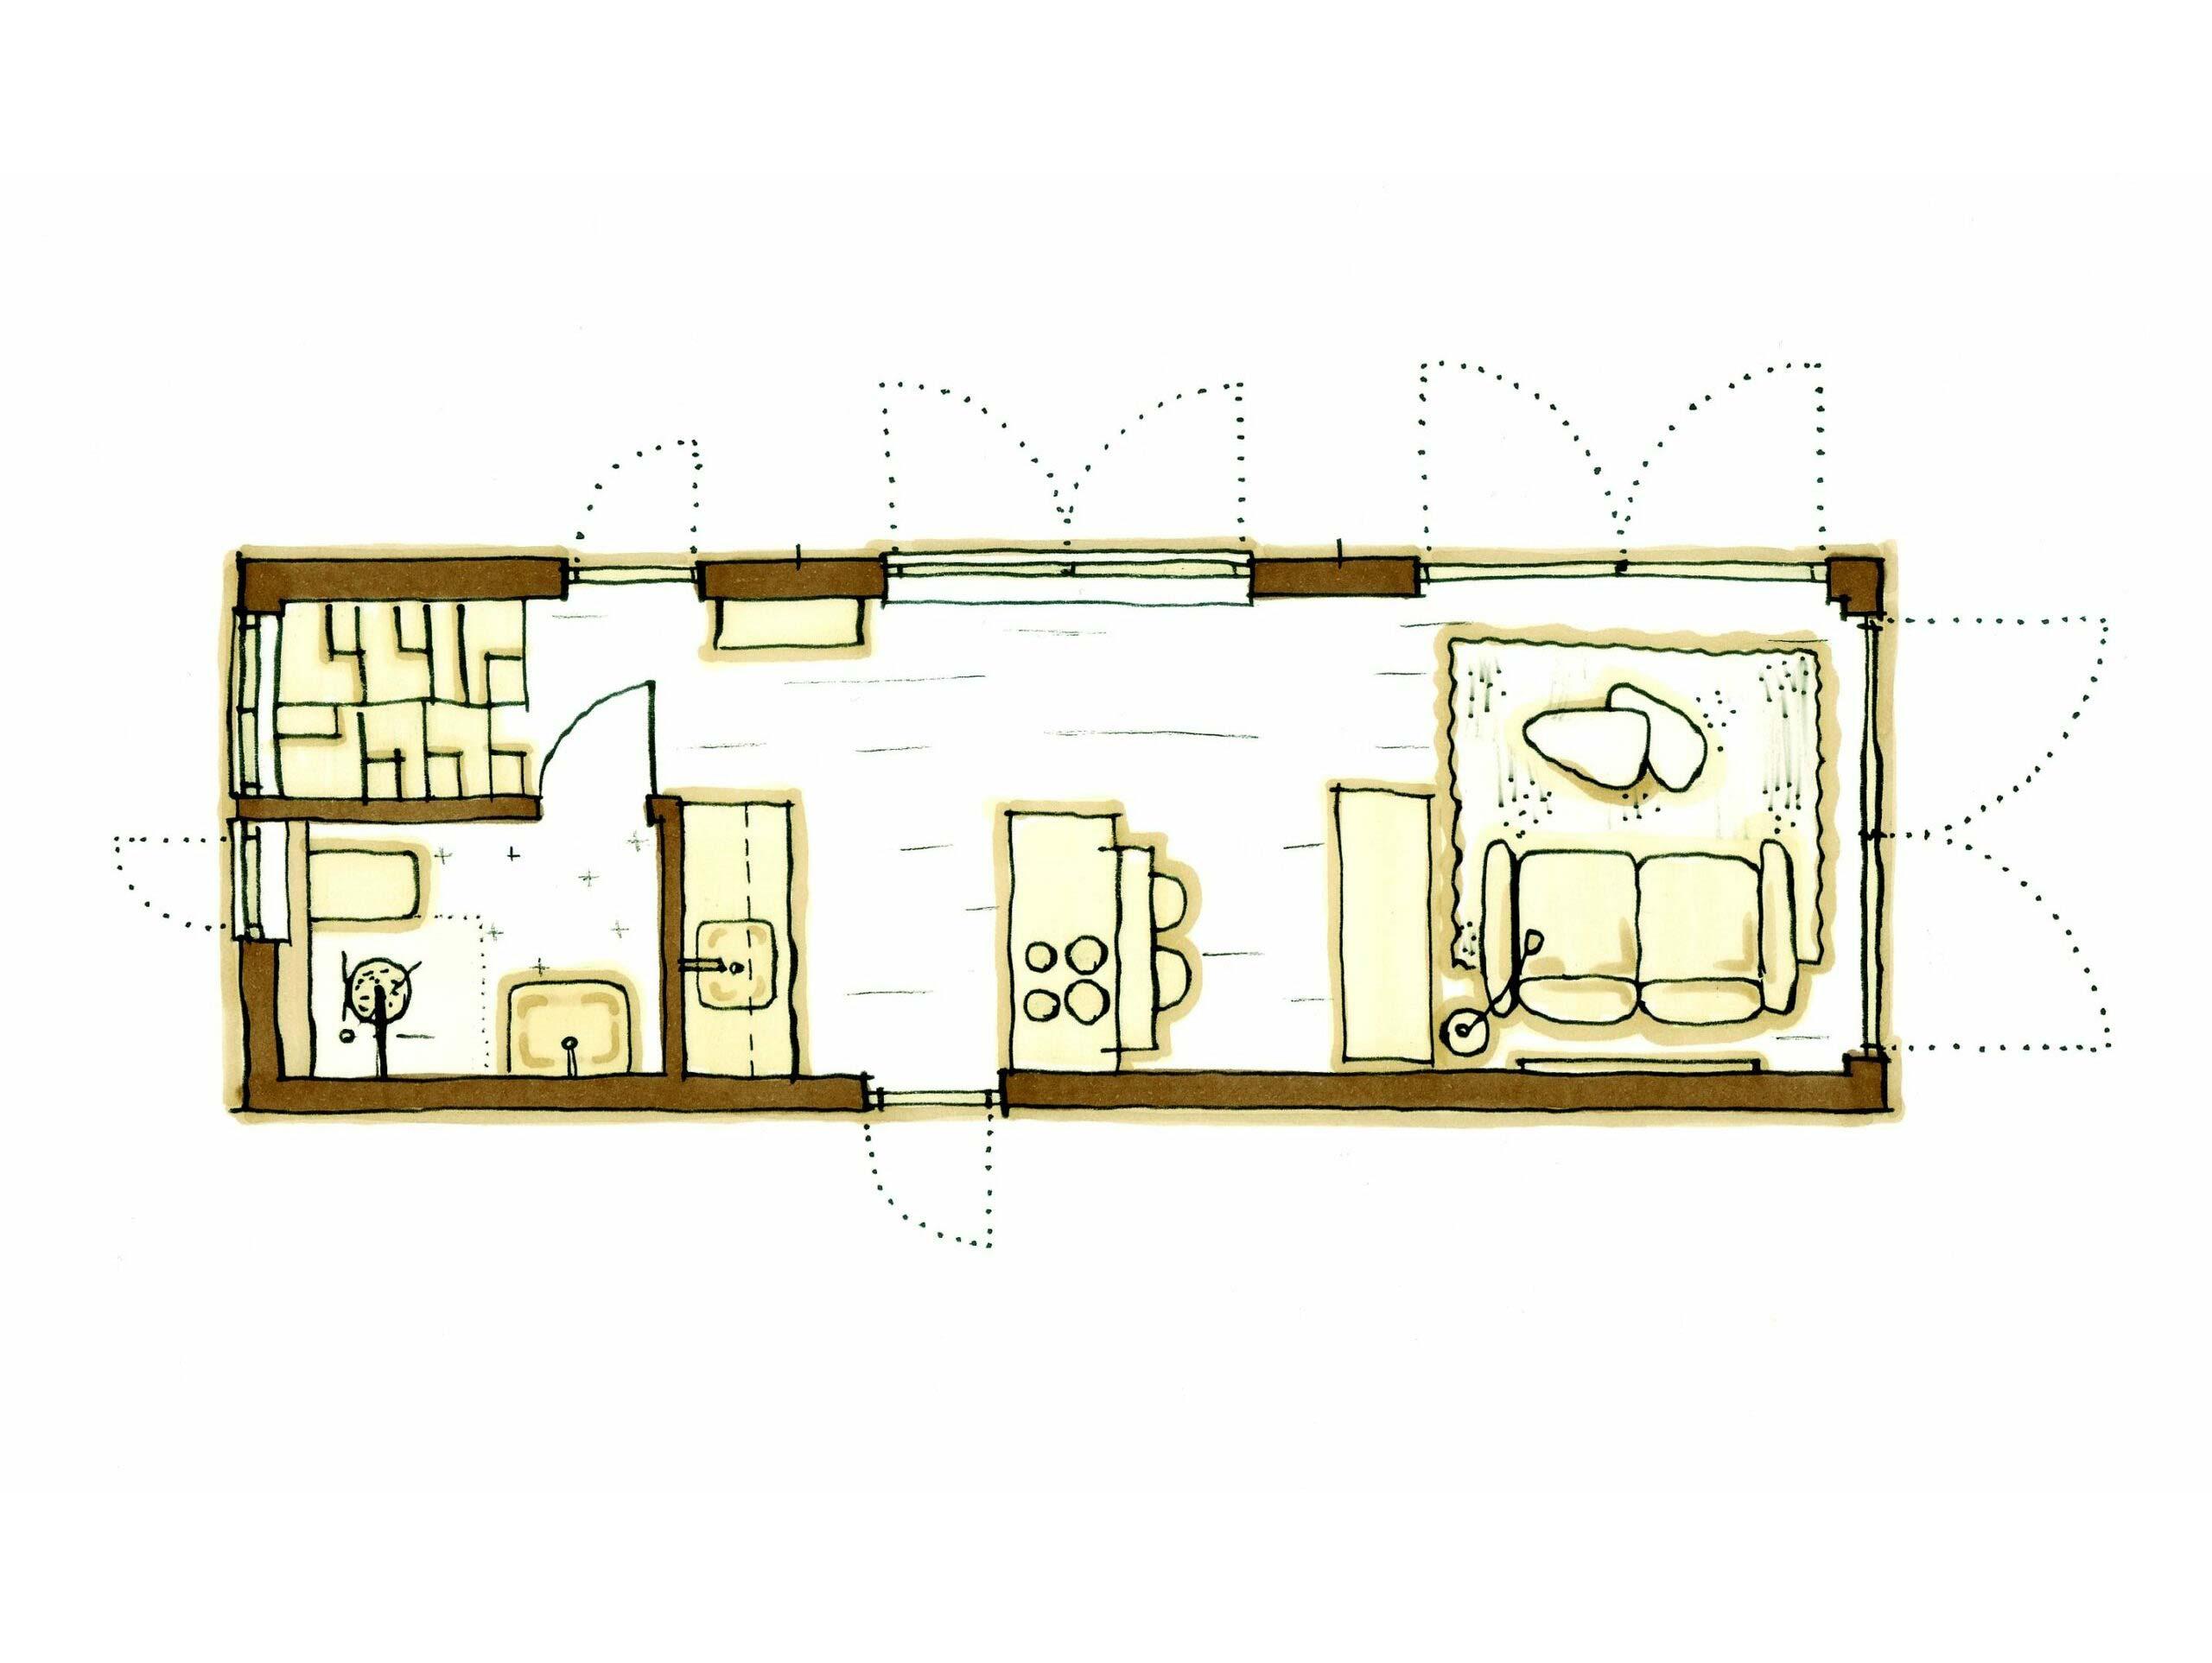 Modul I 3x9